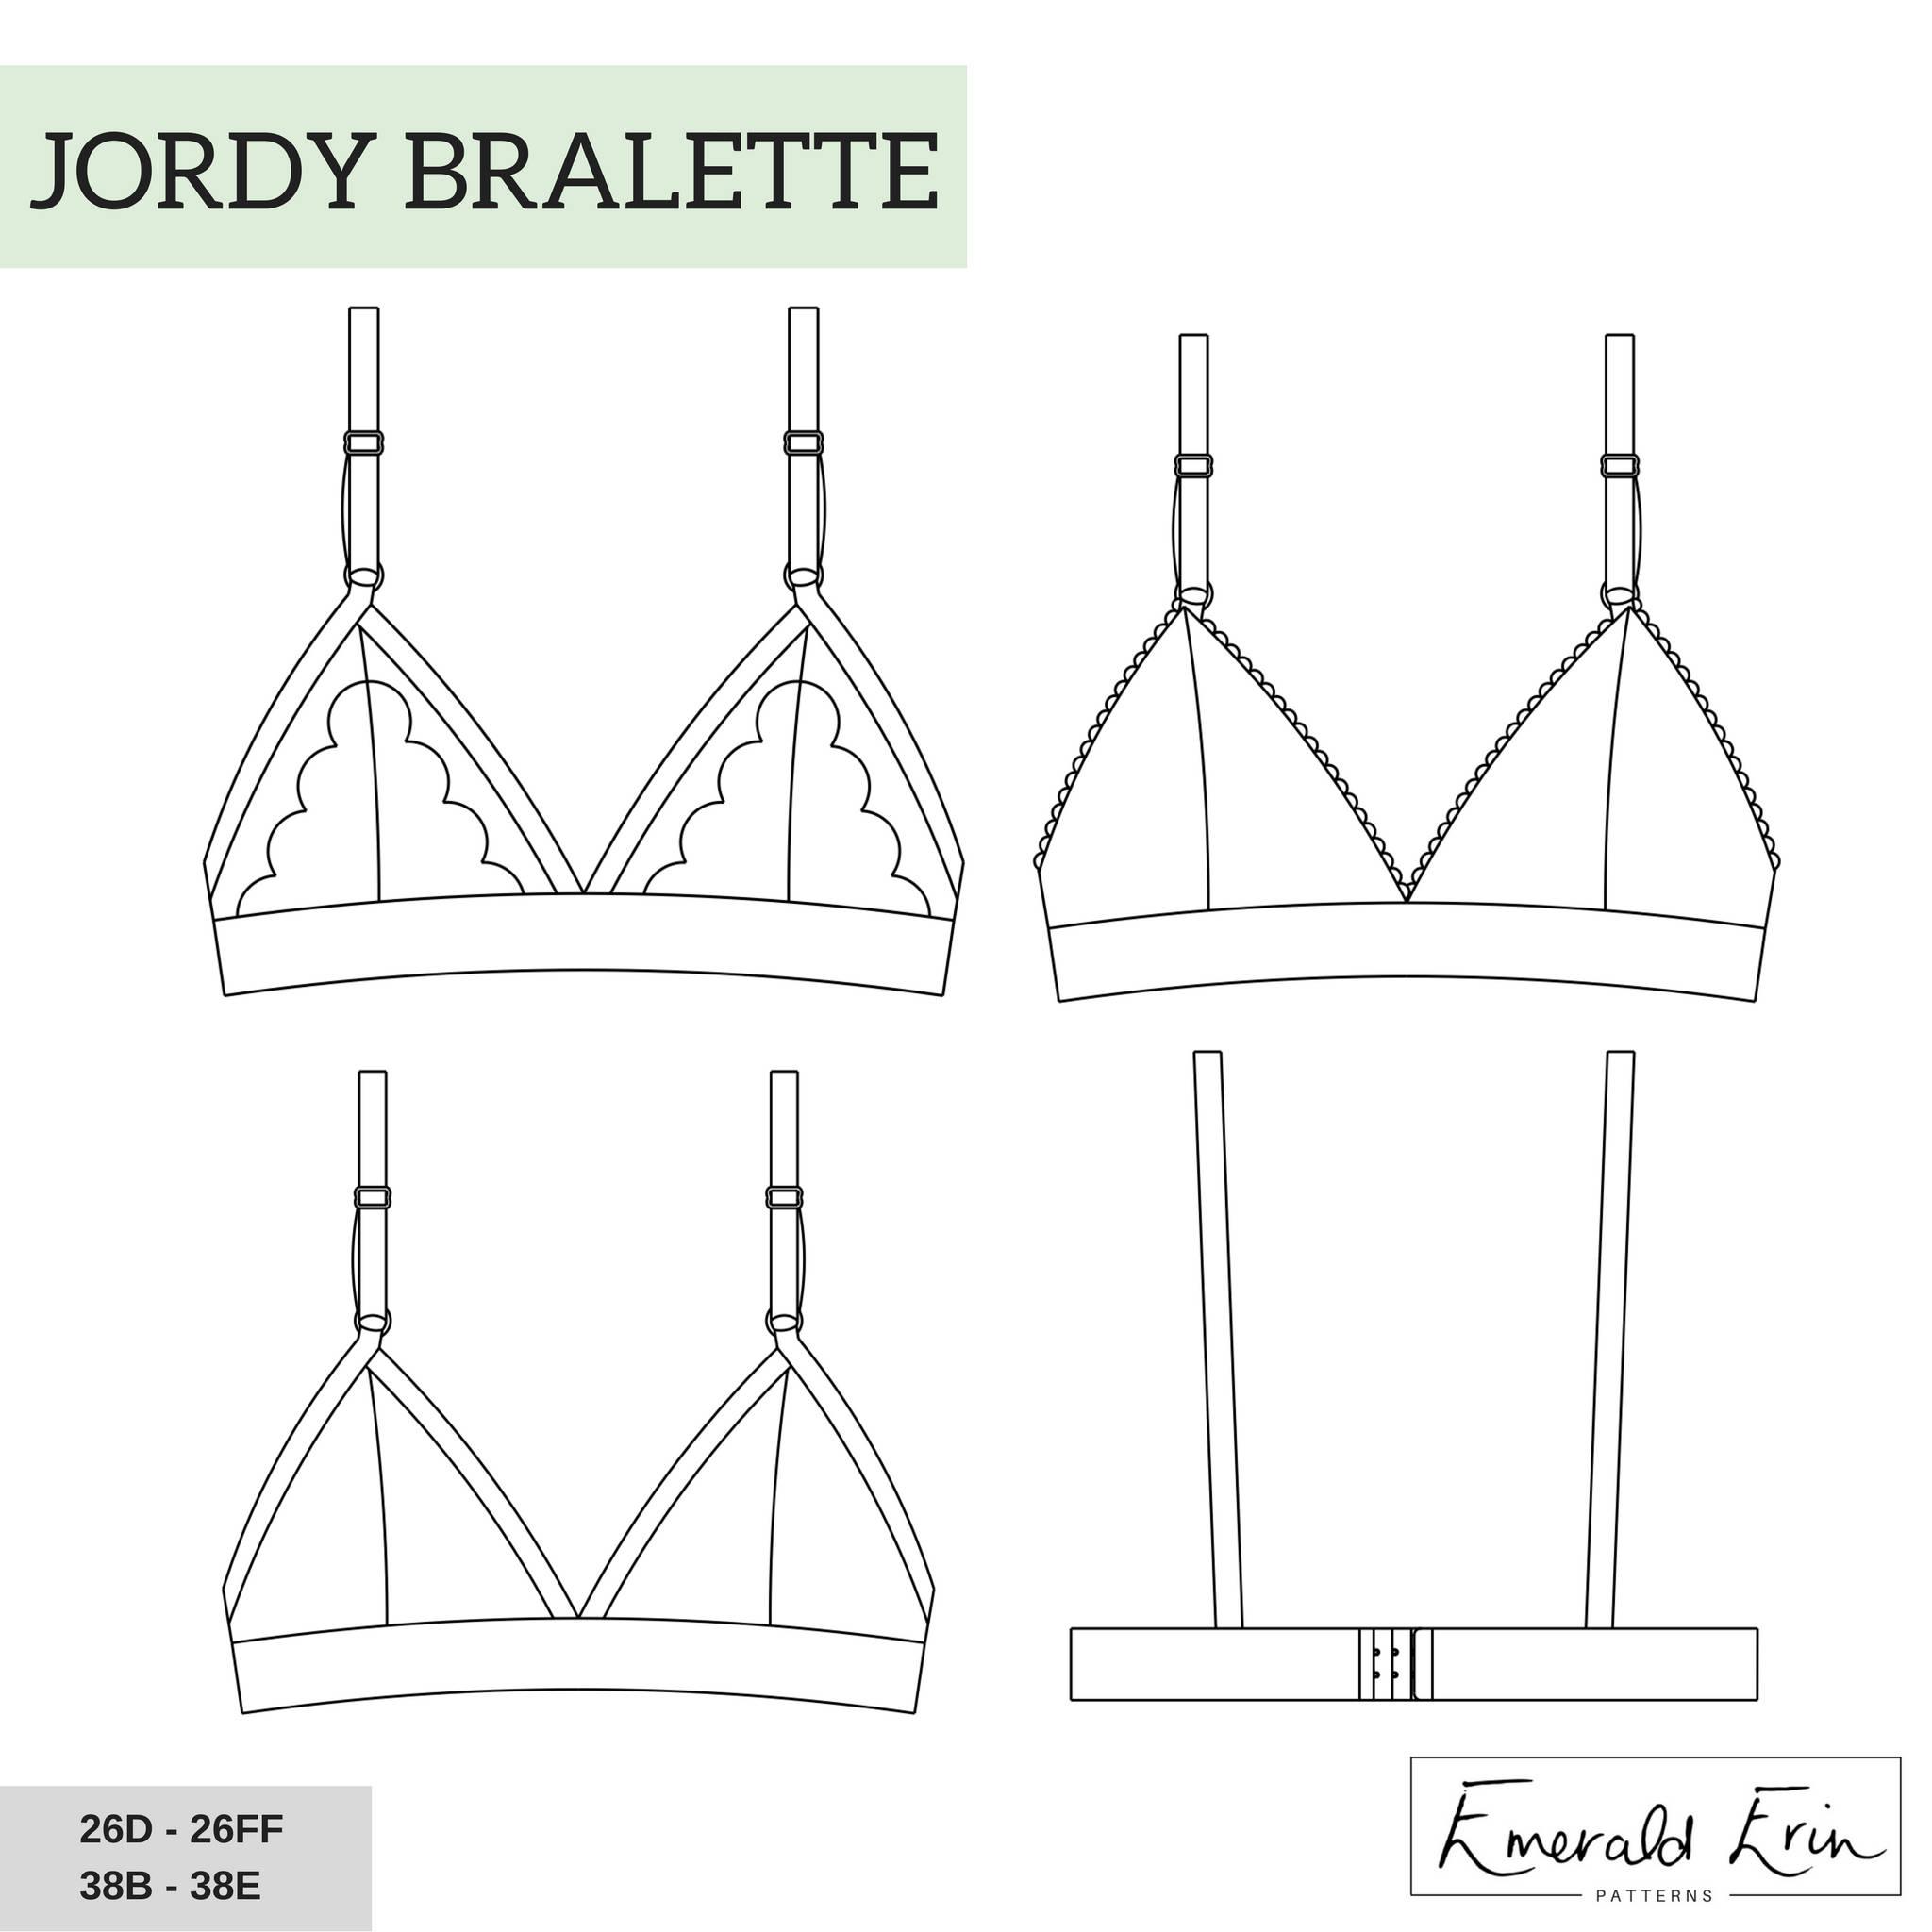 Jordy Bralette by Emerald Erin